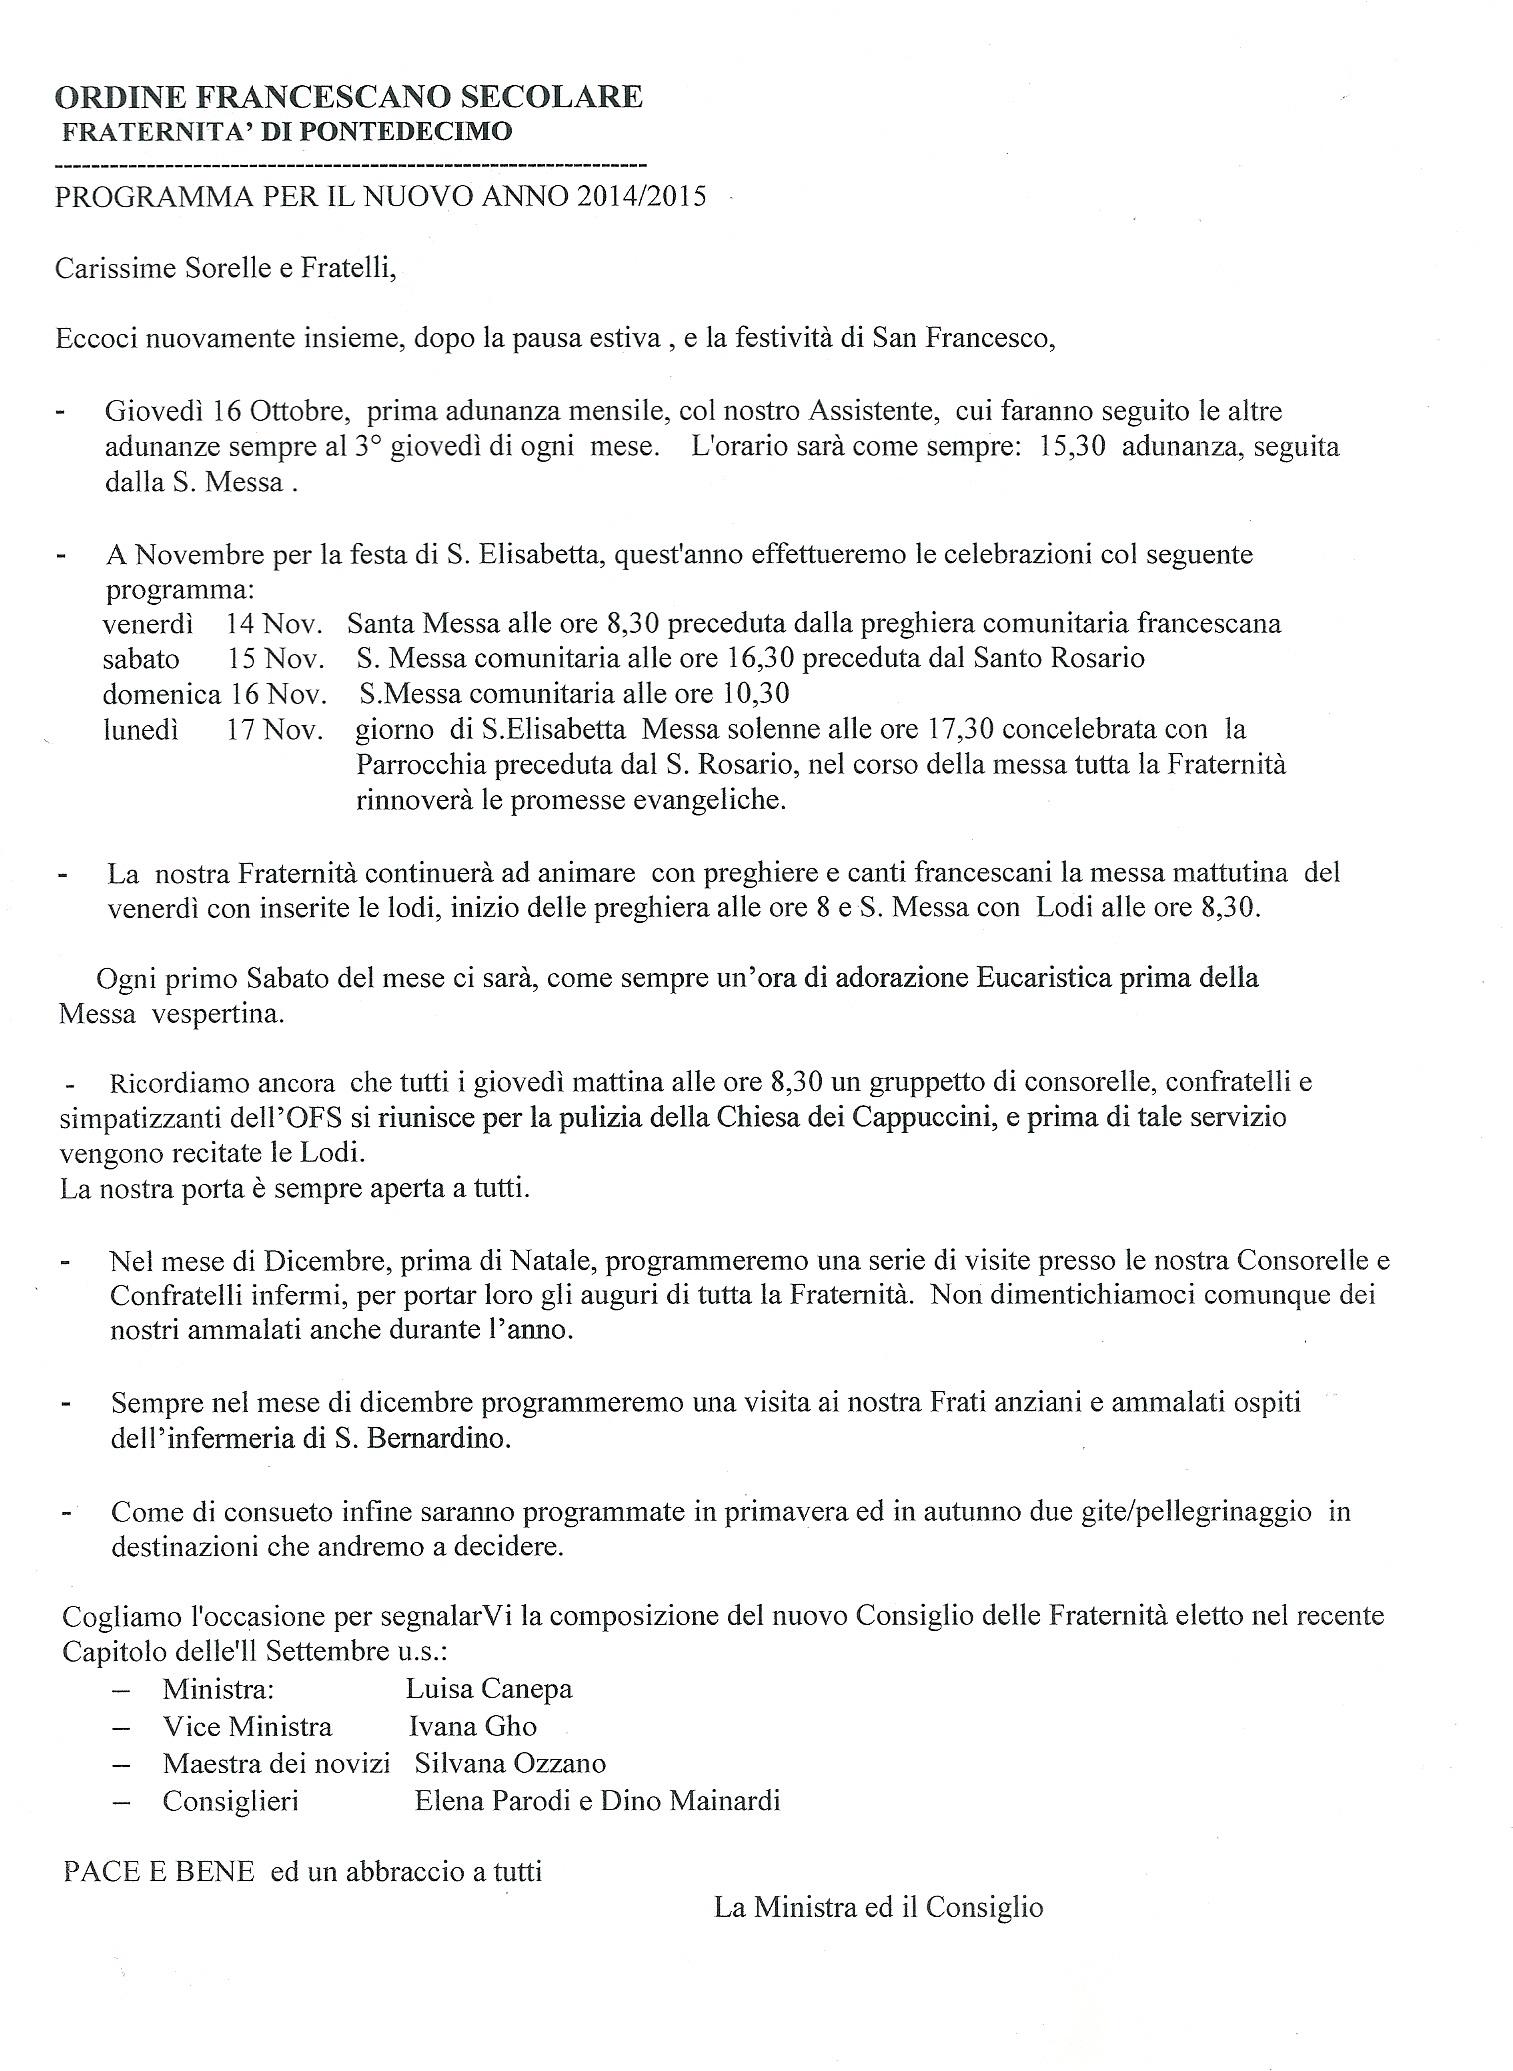 O.F.S. Genova/Pontedecimo